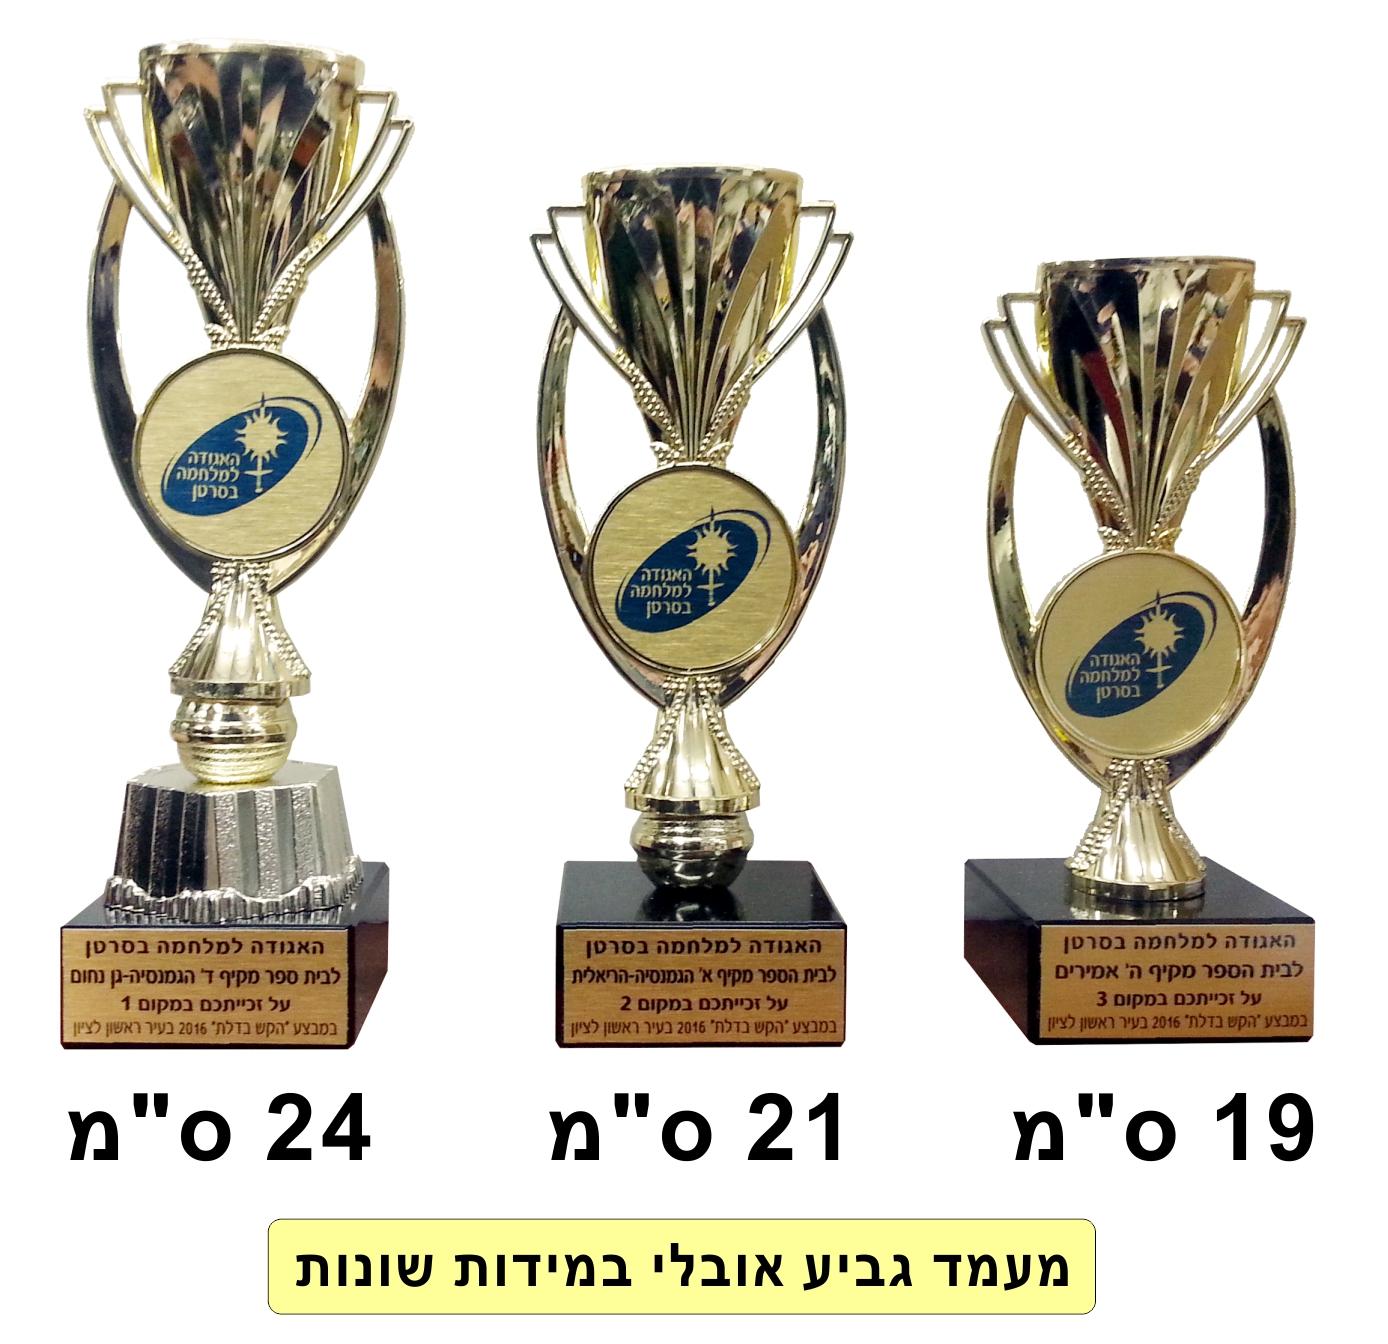 מעמד גביע אובלי במידות שונות